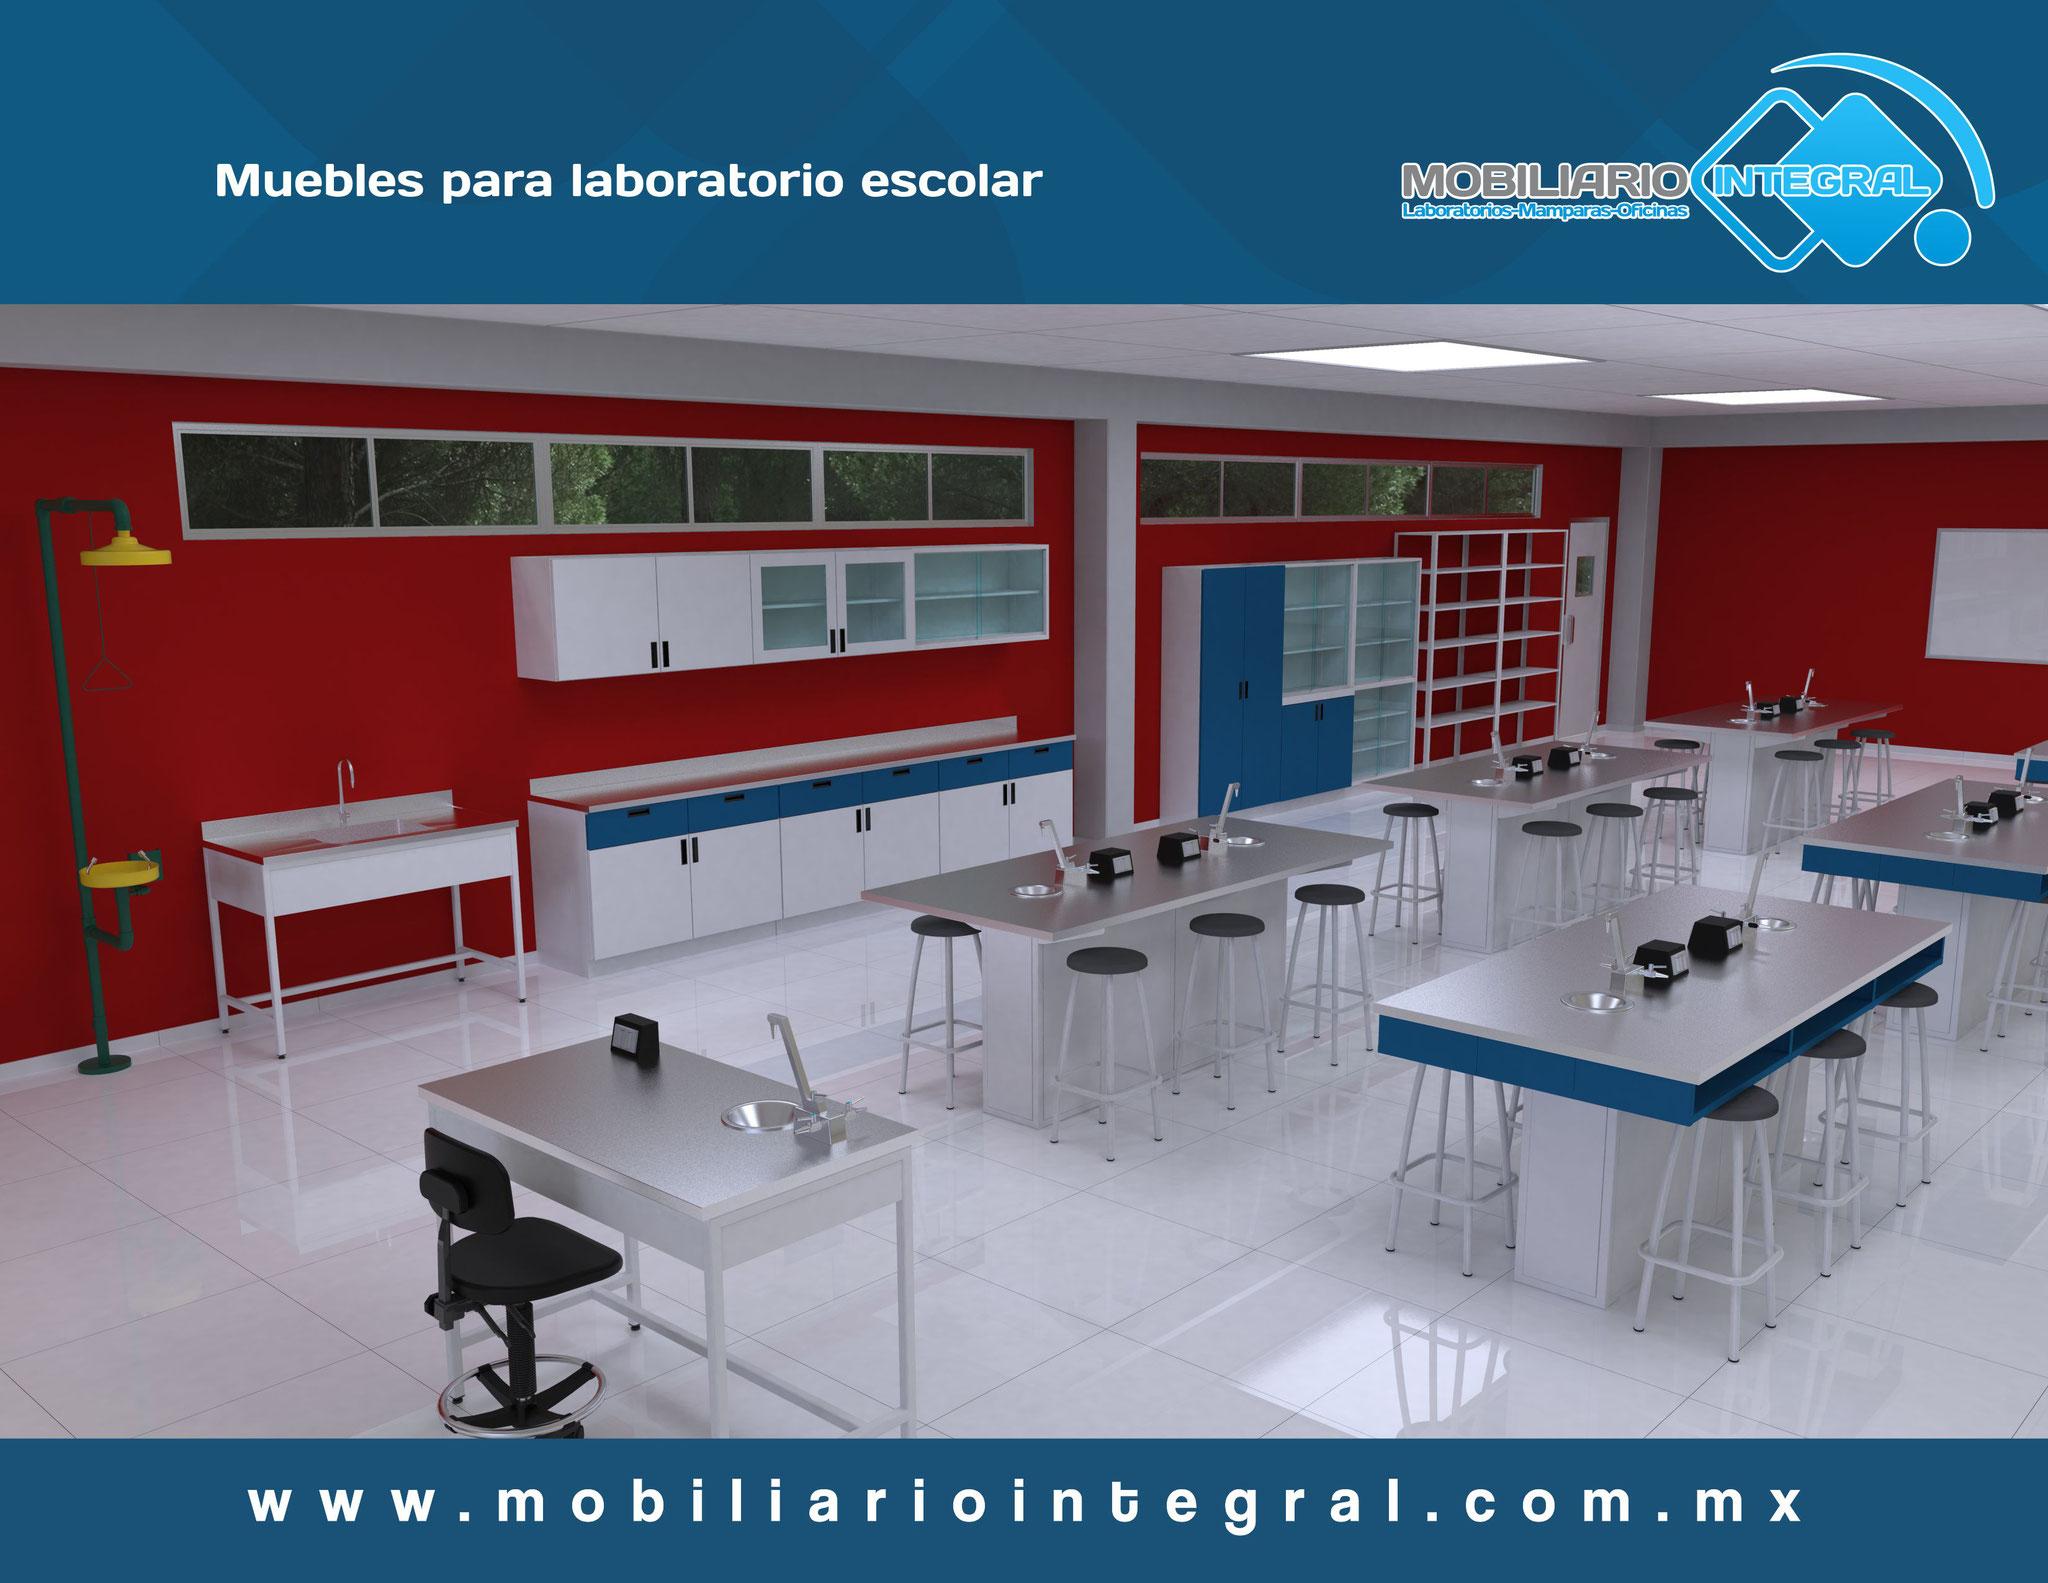 Muebles para laboratorio escolar Tamaulipas